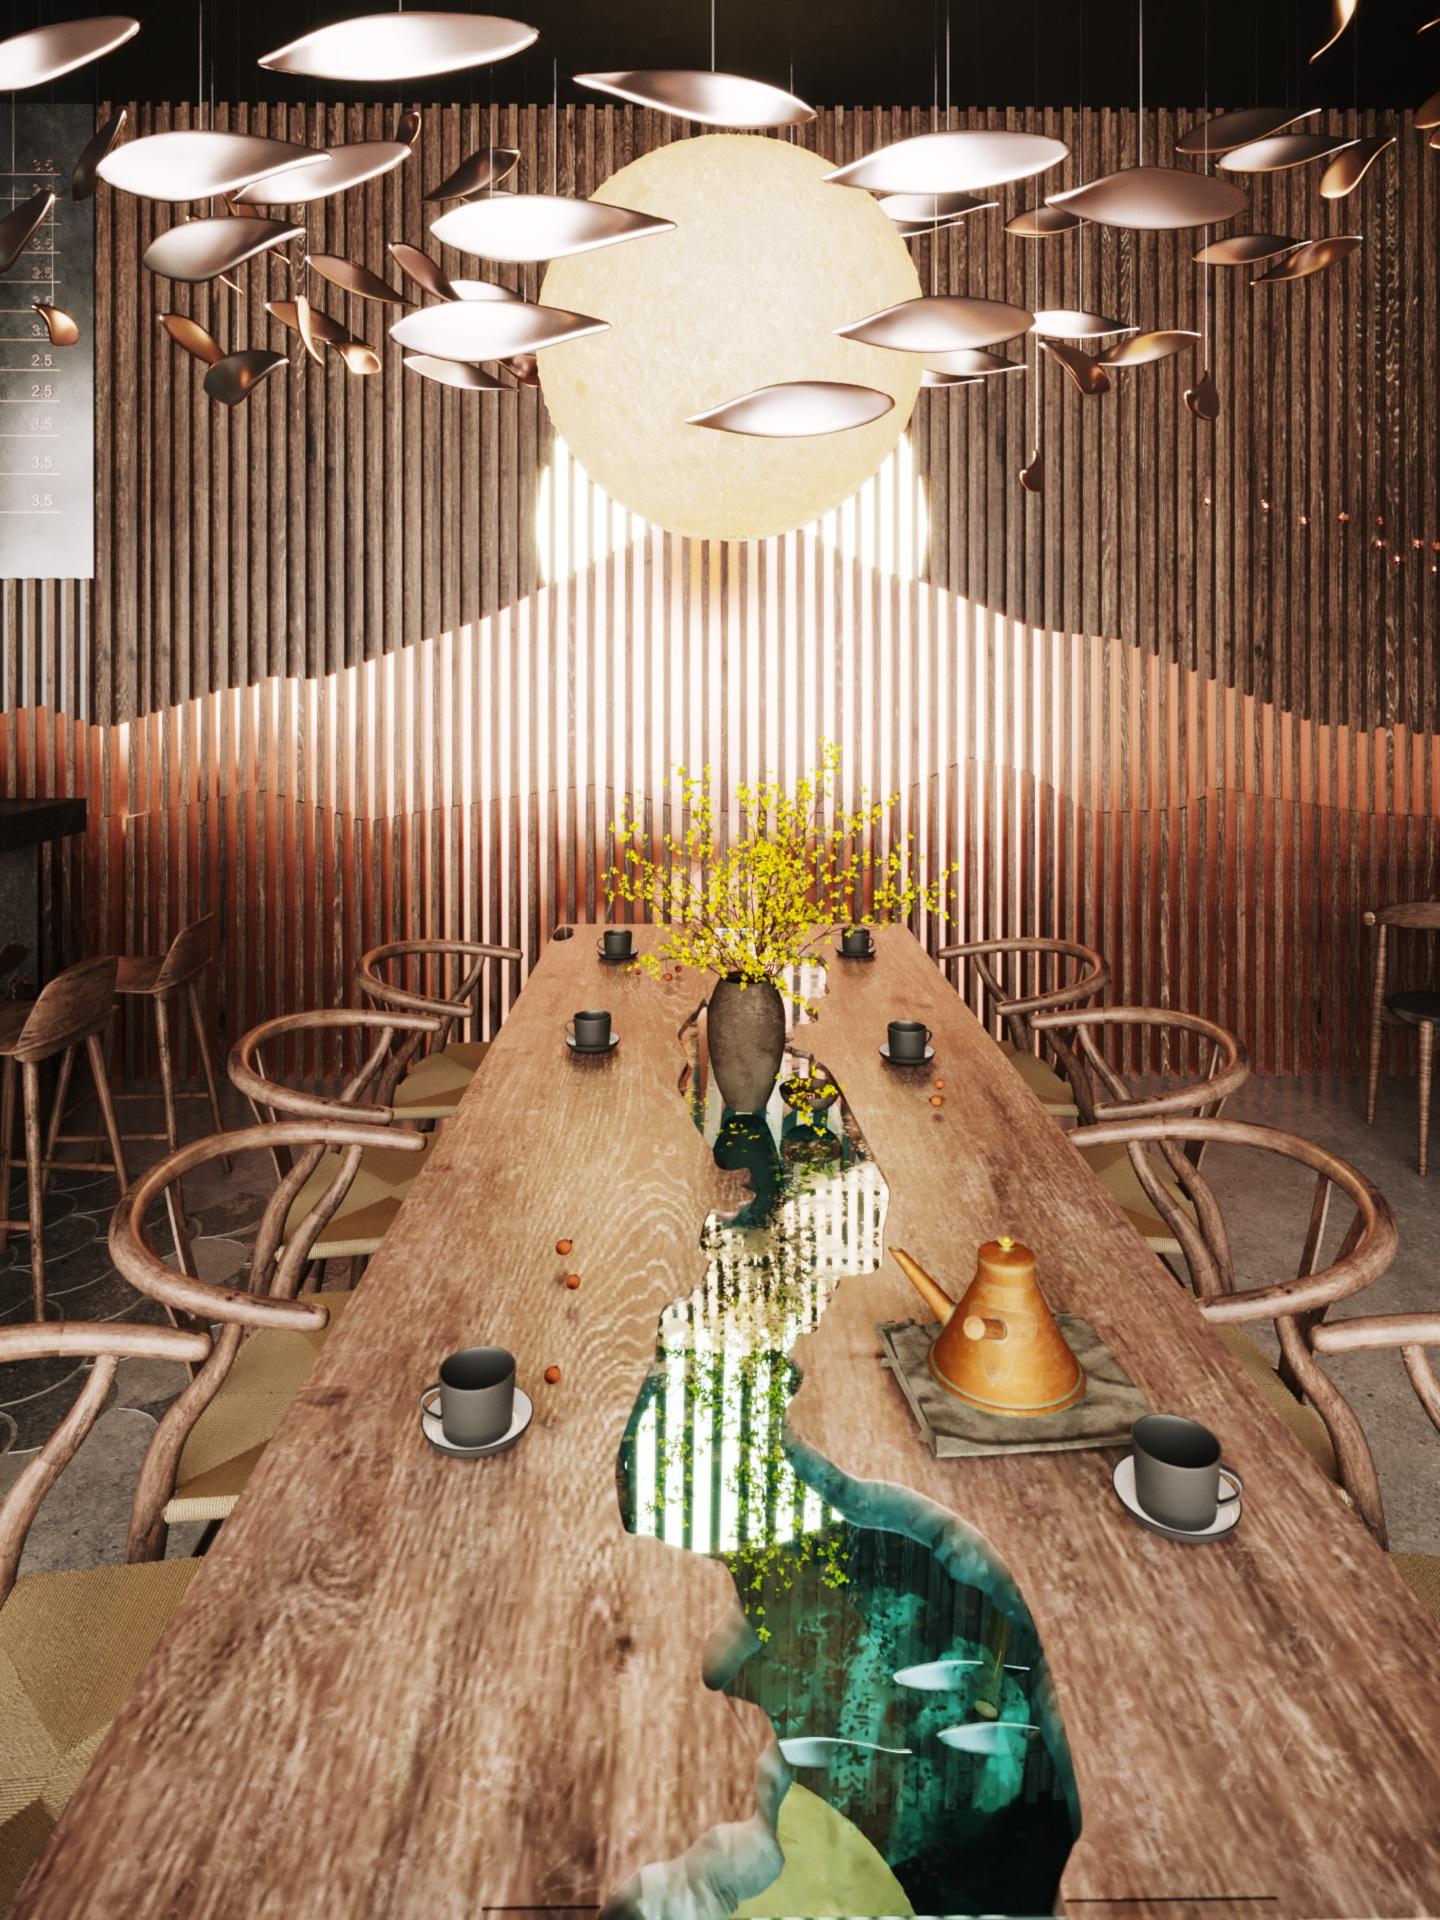 thiết kế nội thất Cafe tại Hà Nội caffee koi 0 1569649984